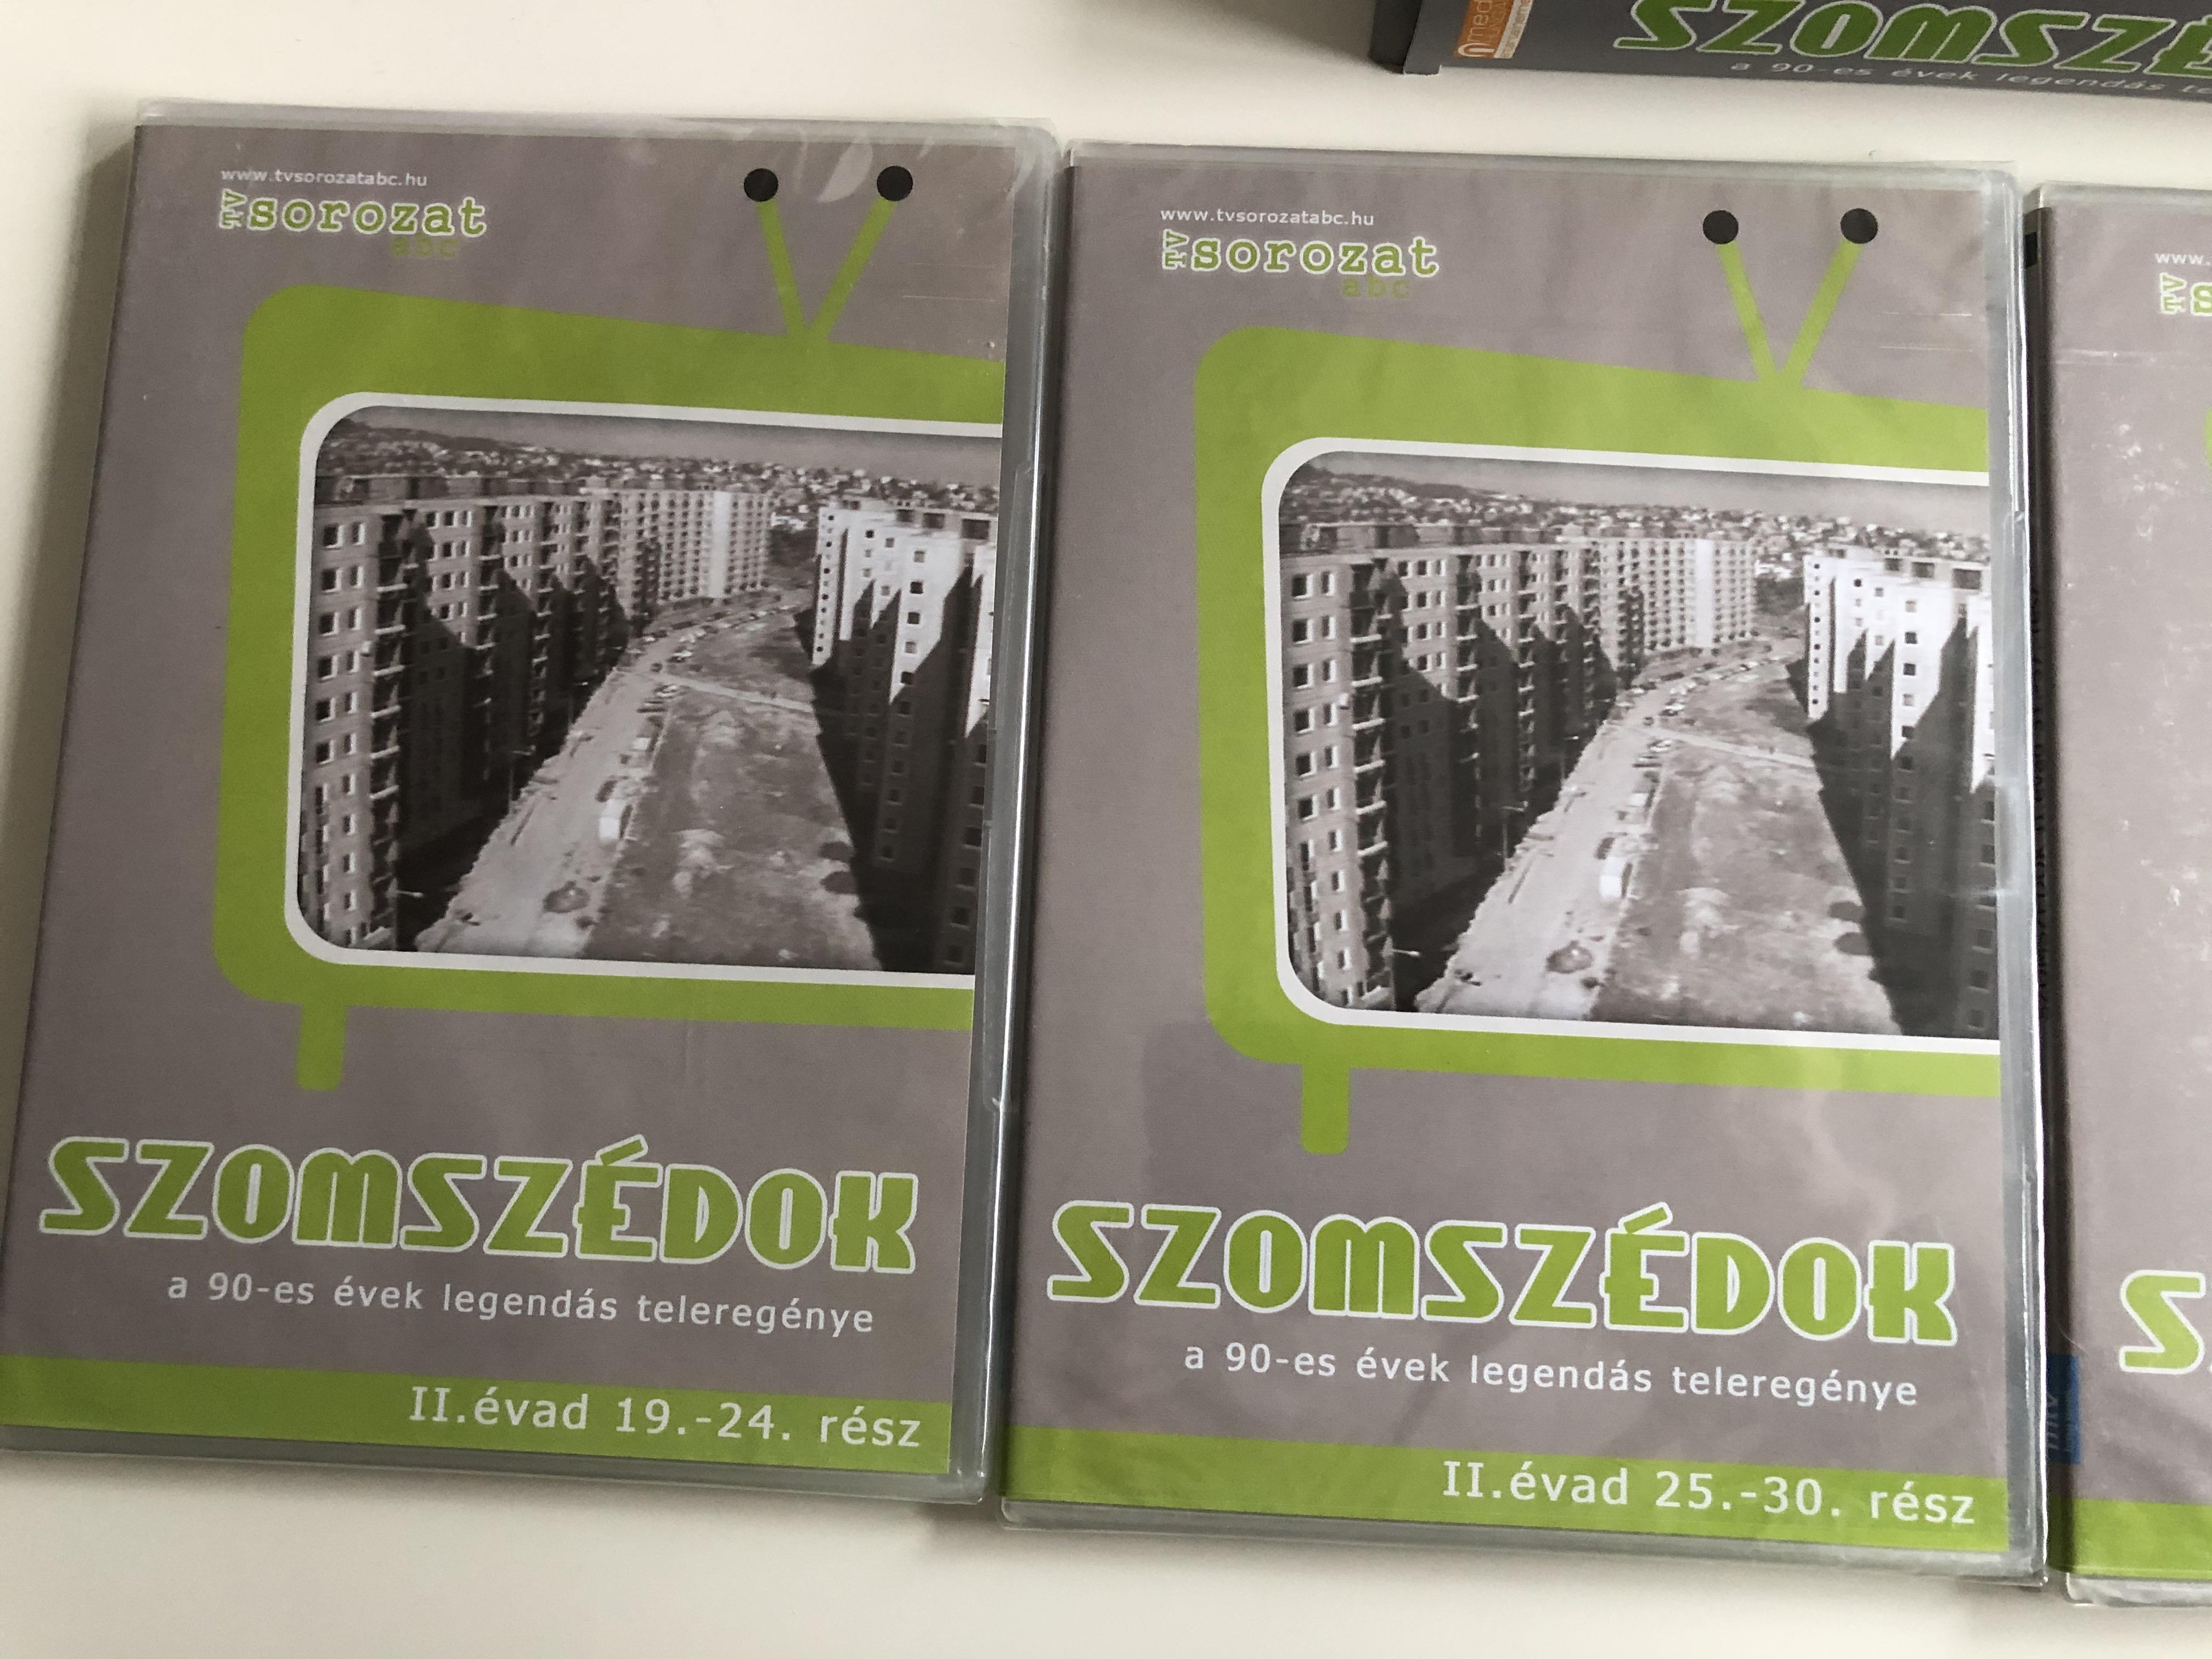 szomsz-dok-teljes-2.-vad-19-44-r-sz-4x-dvd-neighbours-5.jpg